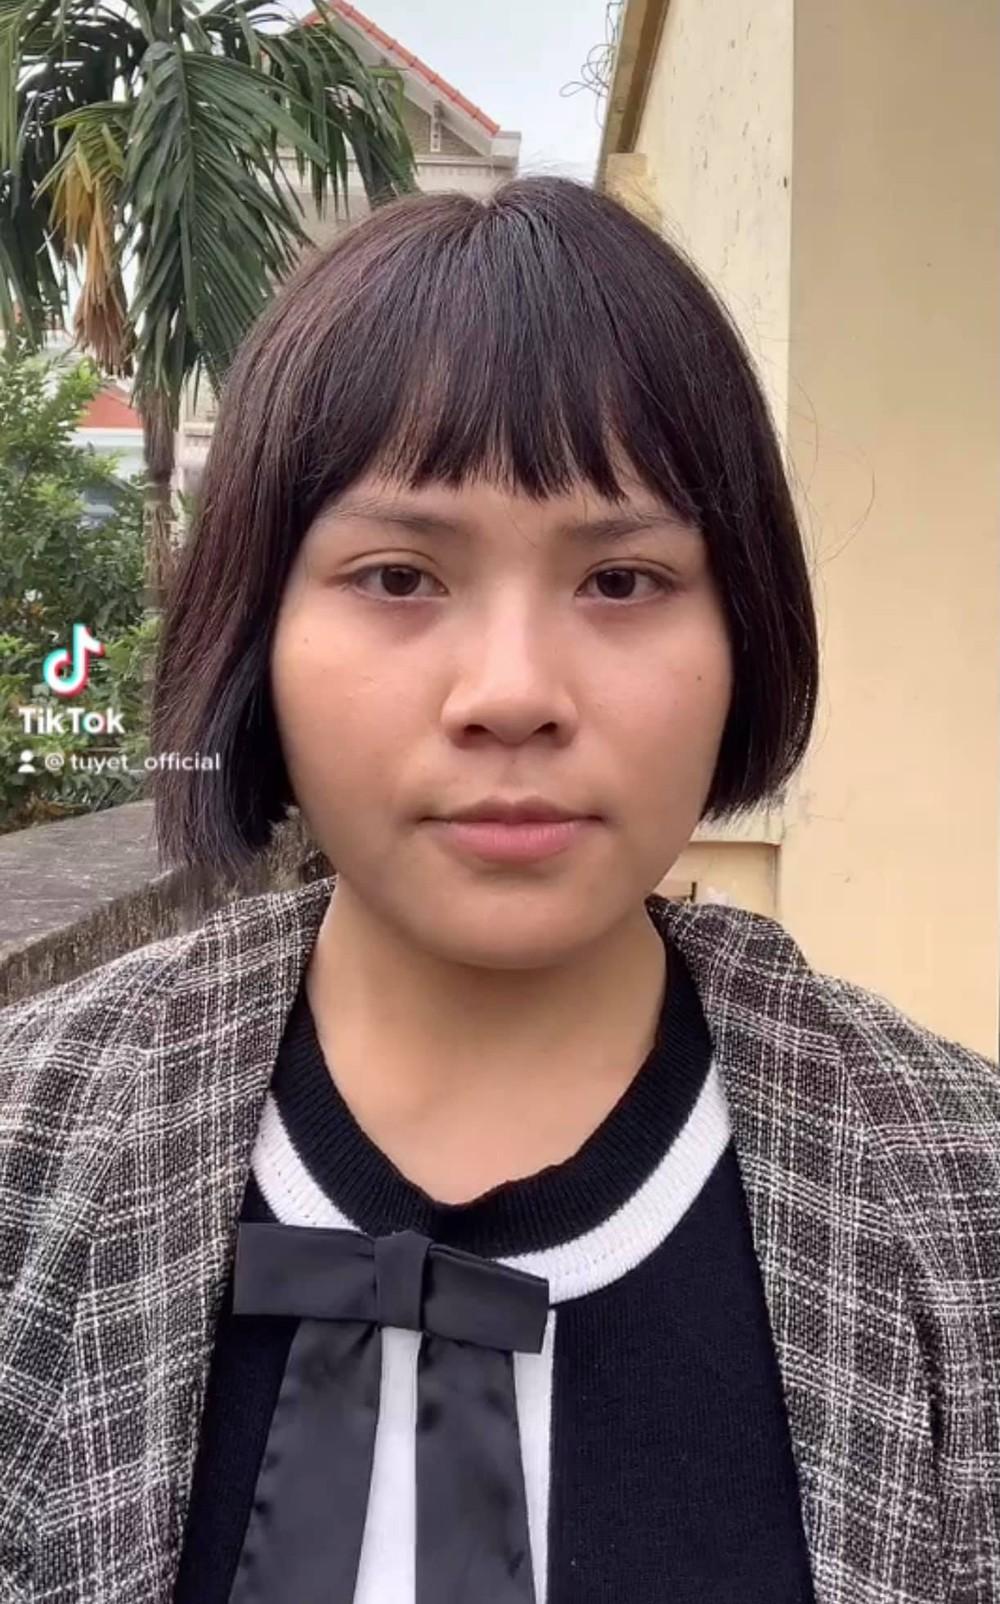 Nữ diễn viên Hương vị tình thân đột ngột xấu xí, bị khinh thường và sự thật ít ai biết - Ảnh 5.